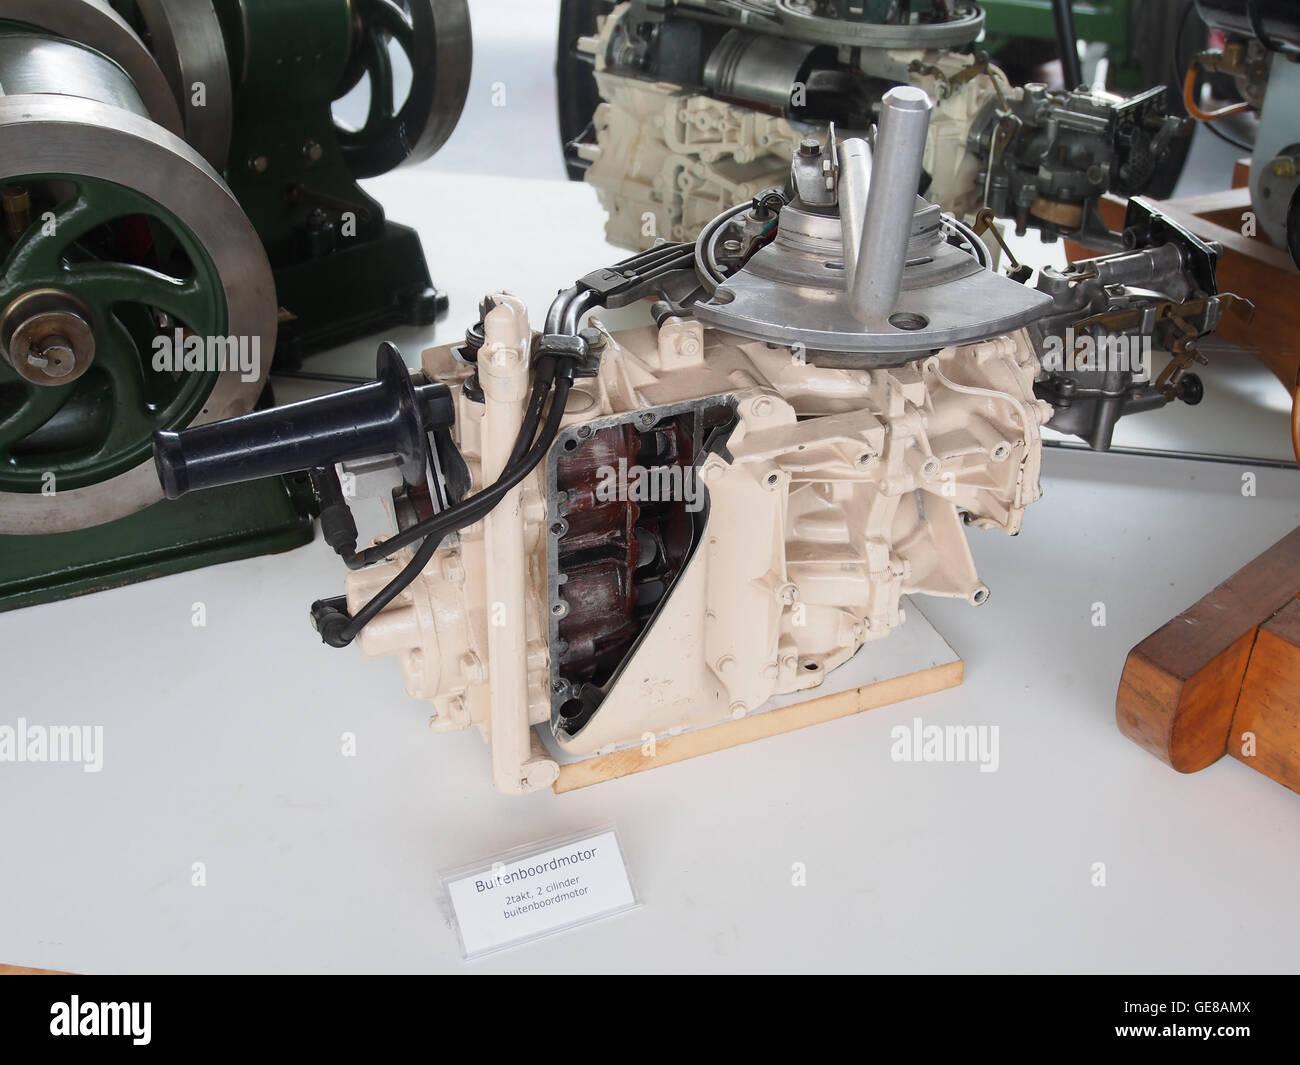 2 takt 2 cylinder buitenboordmotor - Stock Image